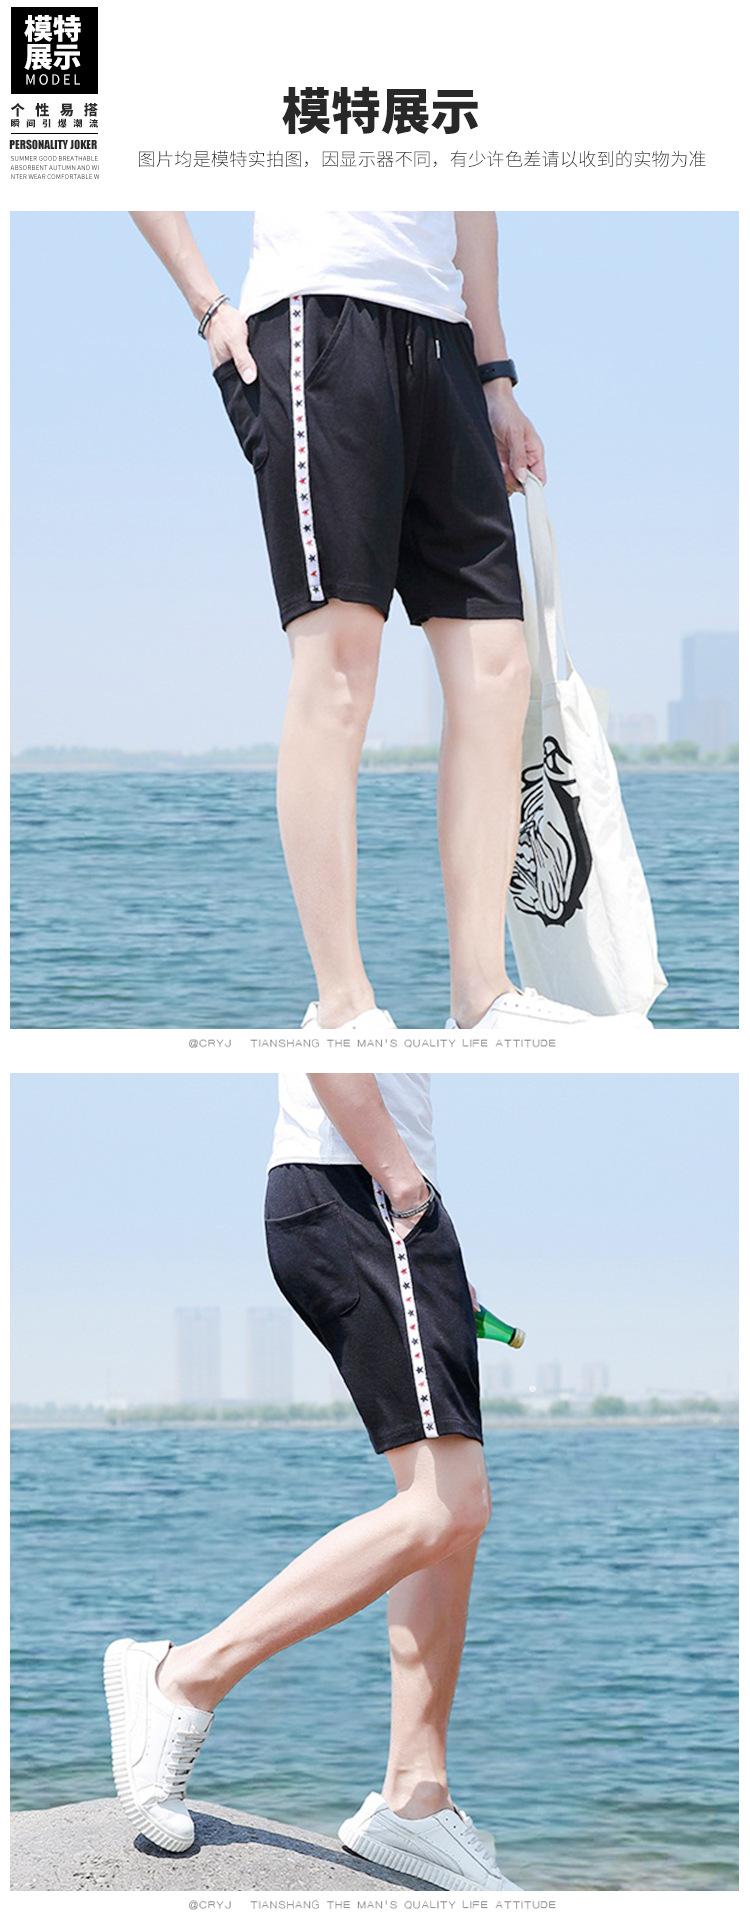 夏季男士短裤 韩版透气修身五分裤 中国风运动速干弹力沙滩裤示例图6